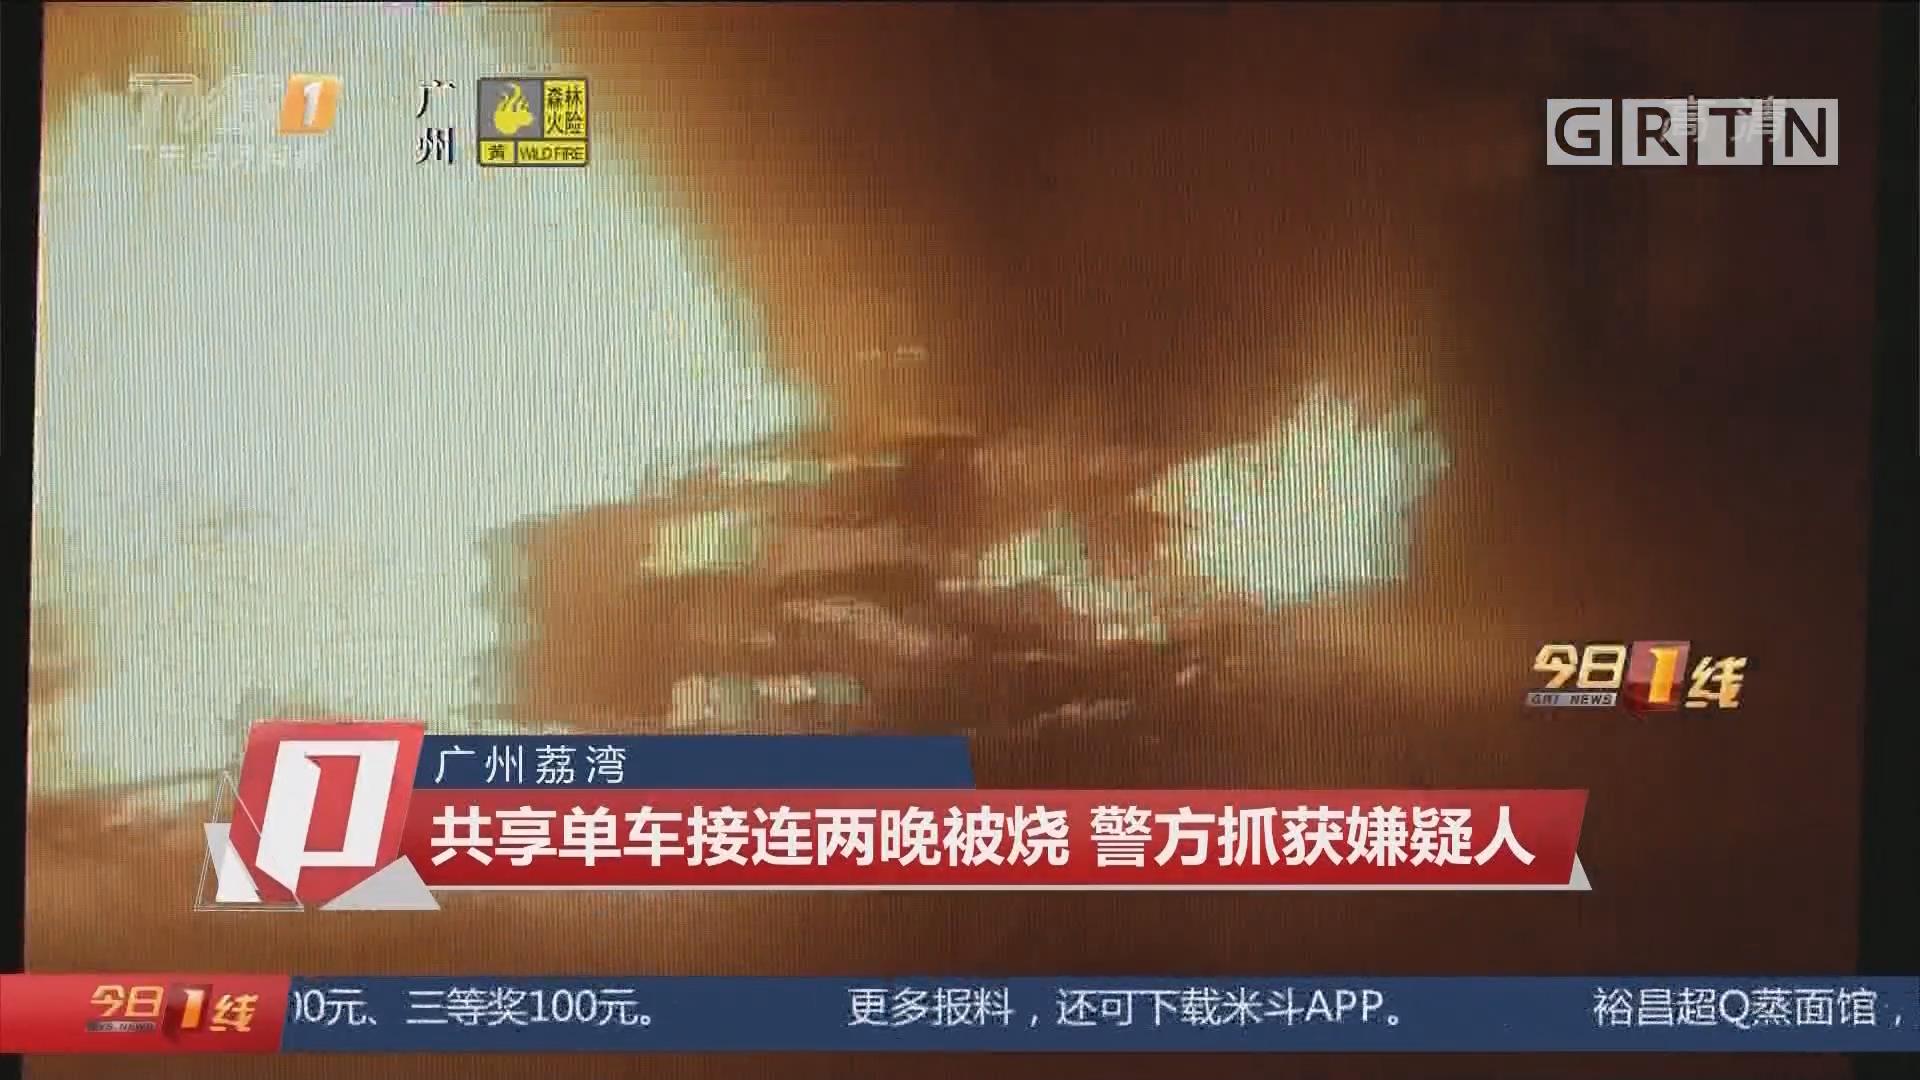 广州荔湾 共享单车接连两晚被烧 警方抓获嫌疑人